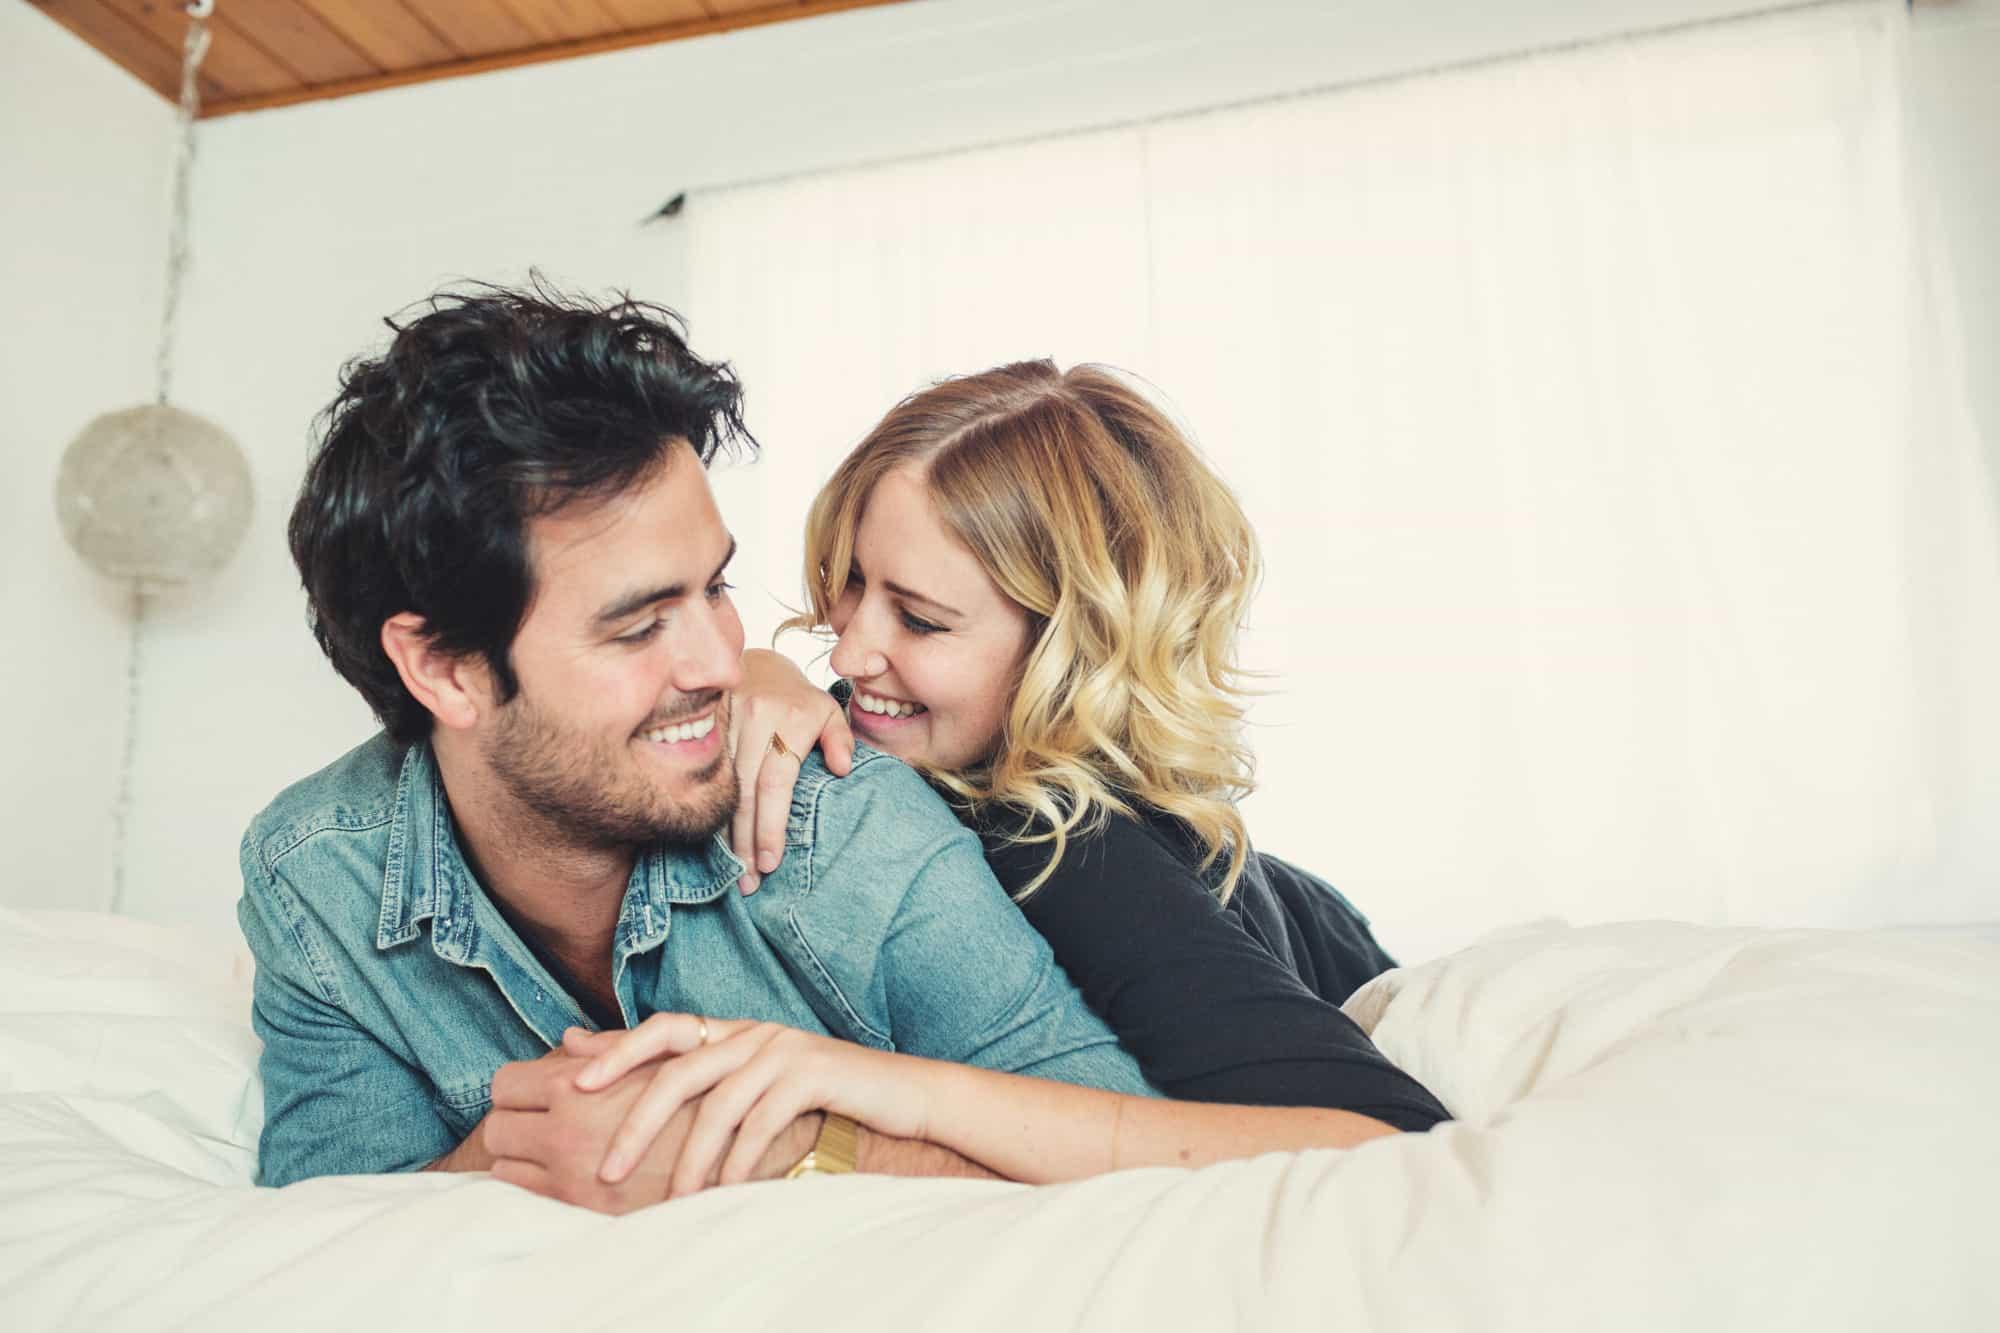 كيف أجعل زوجي يحبني ويحترمني